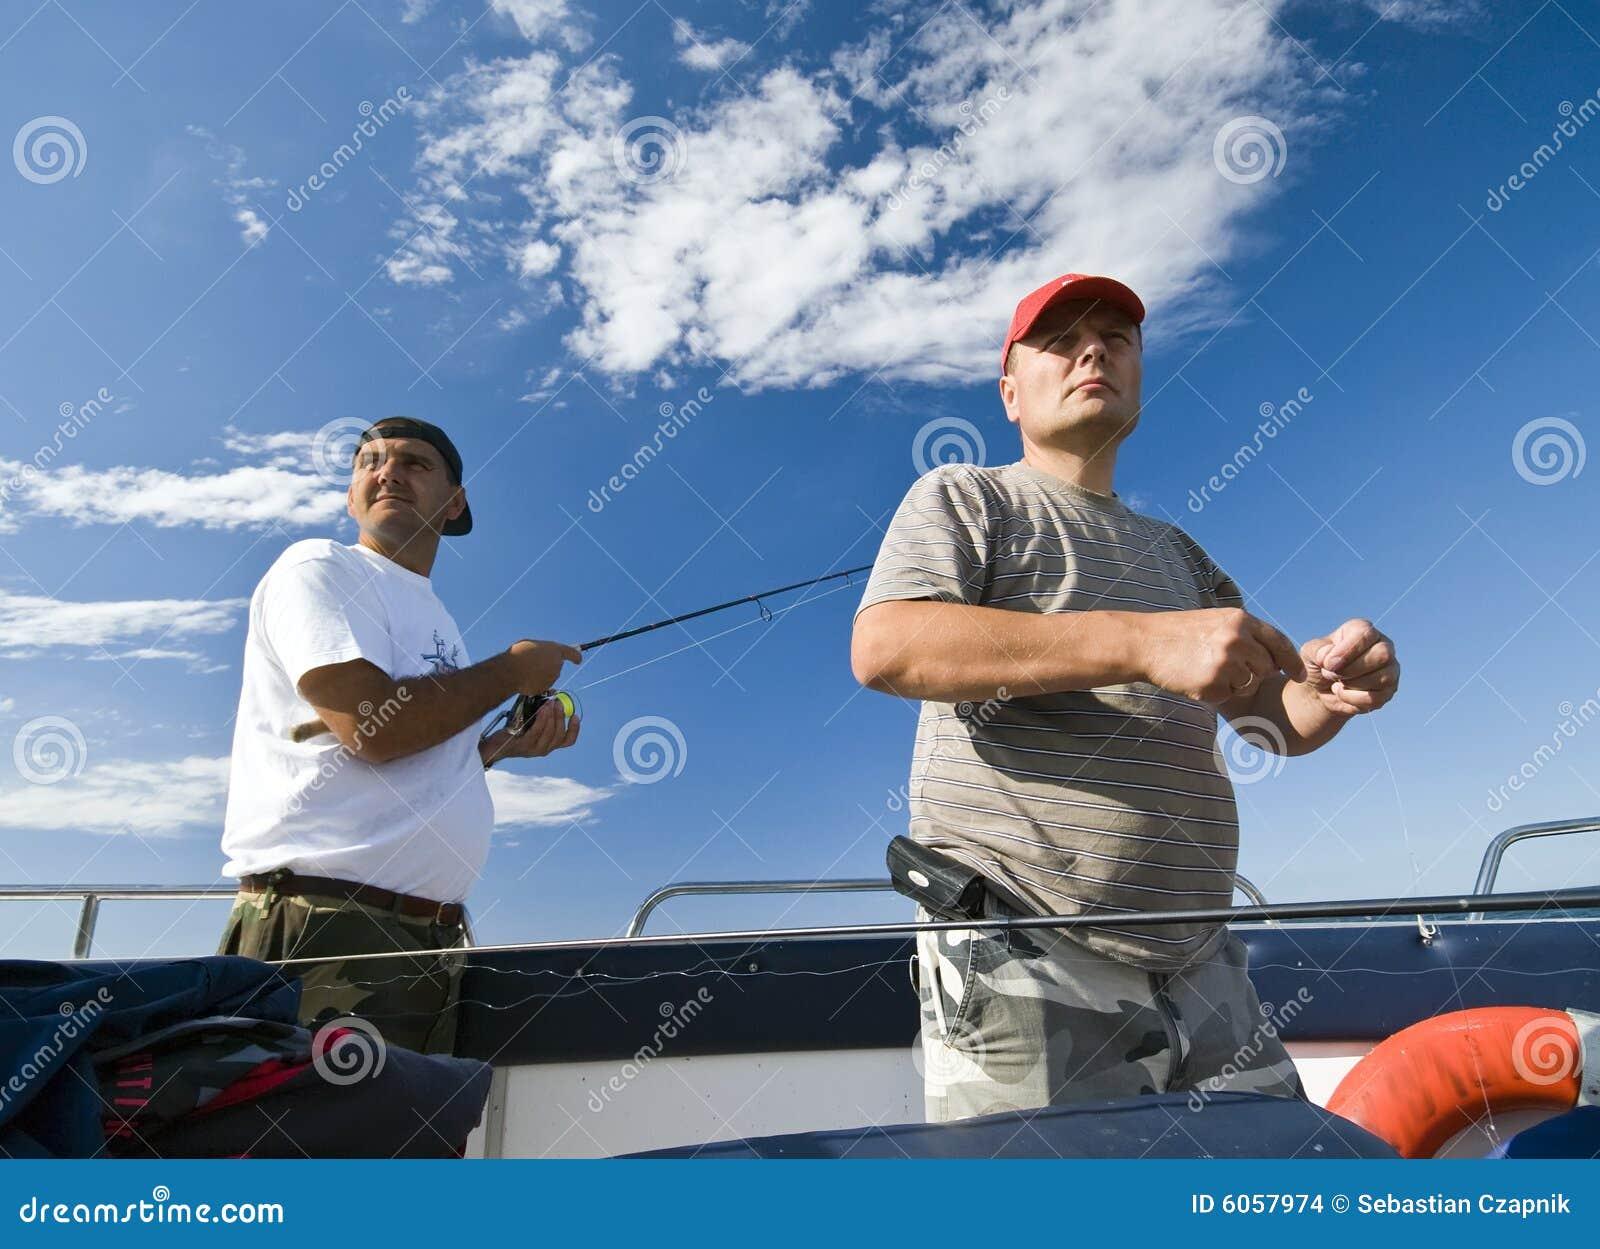 Het overzeese vissers vooruitzien